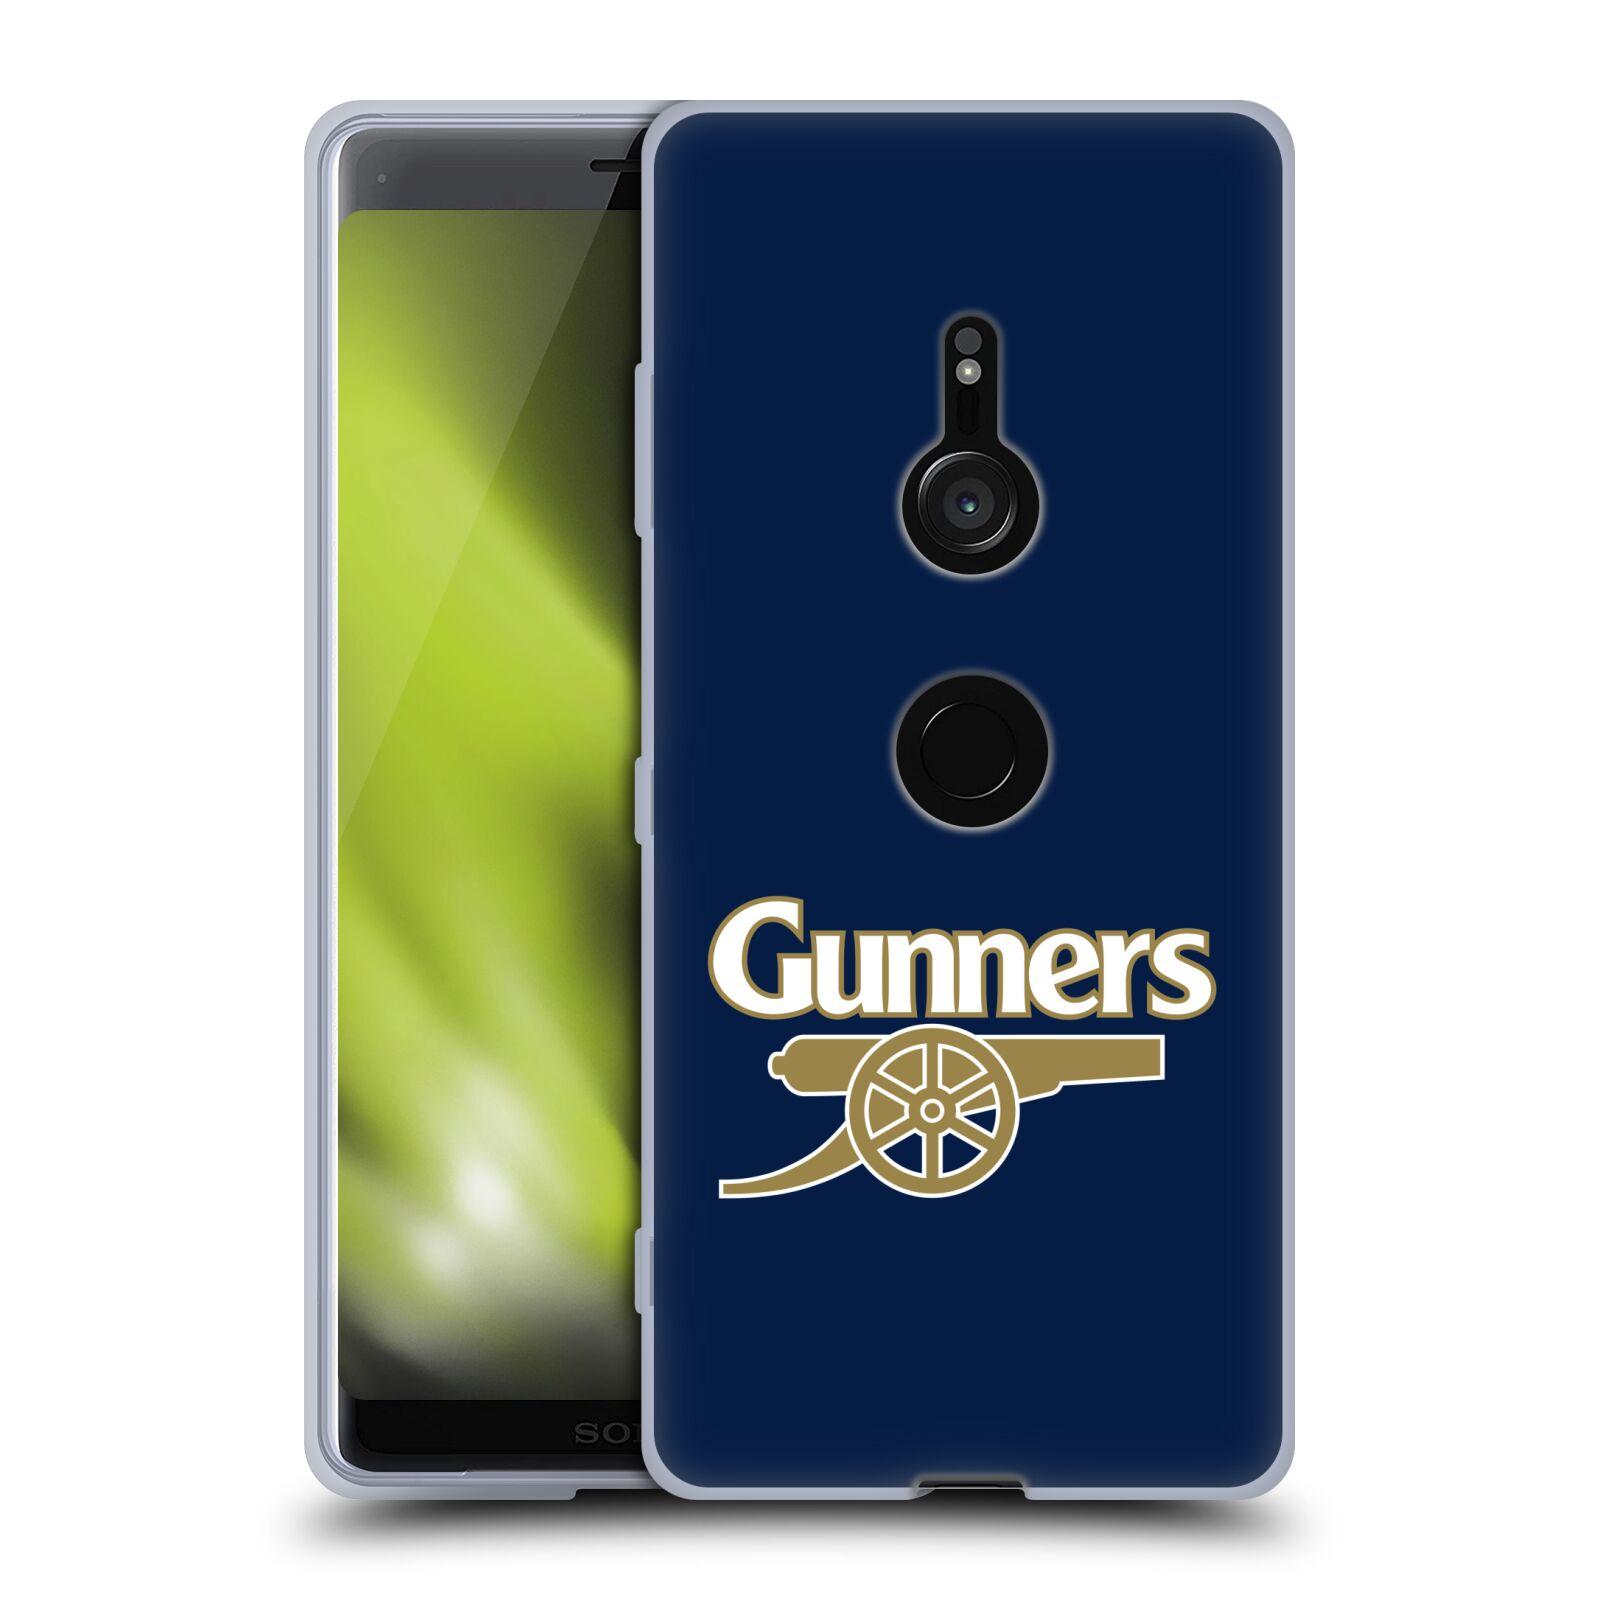 Silikonové pouzdro na mobil Sony Xperia XZ3 - Head Case - Arsenal FC - Gunners